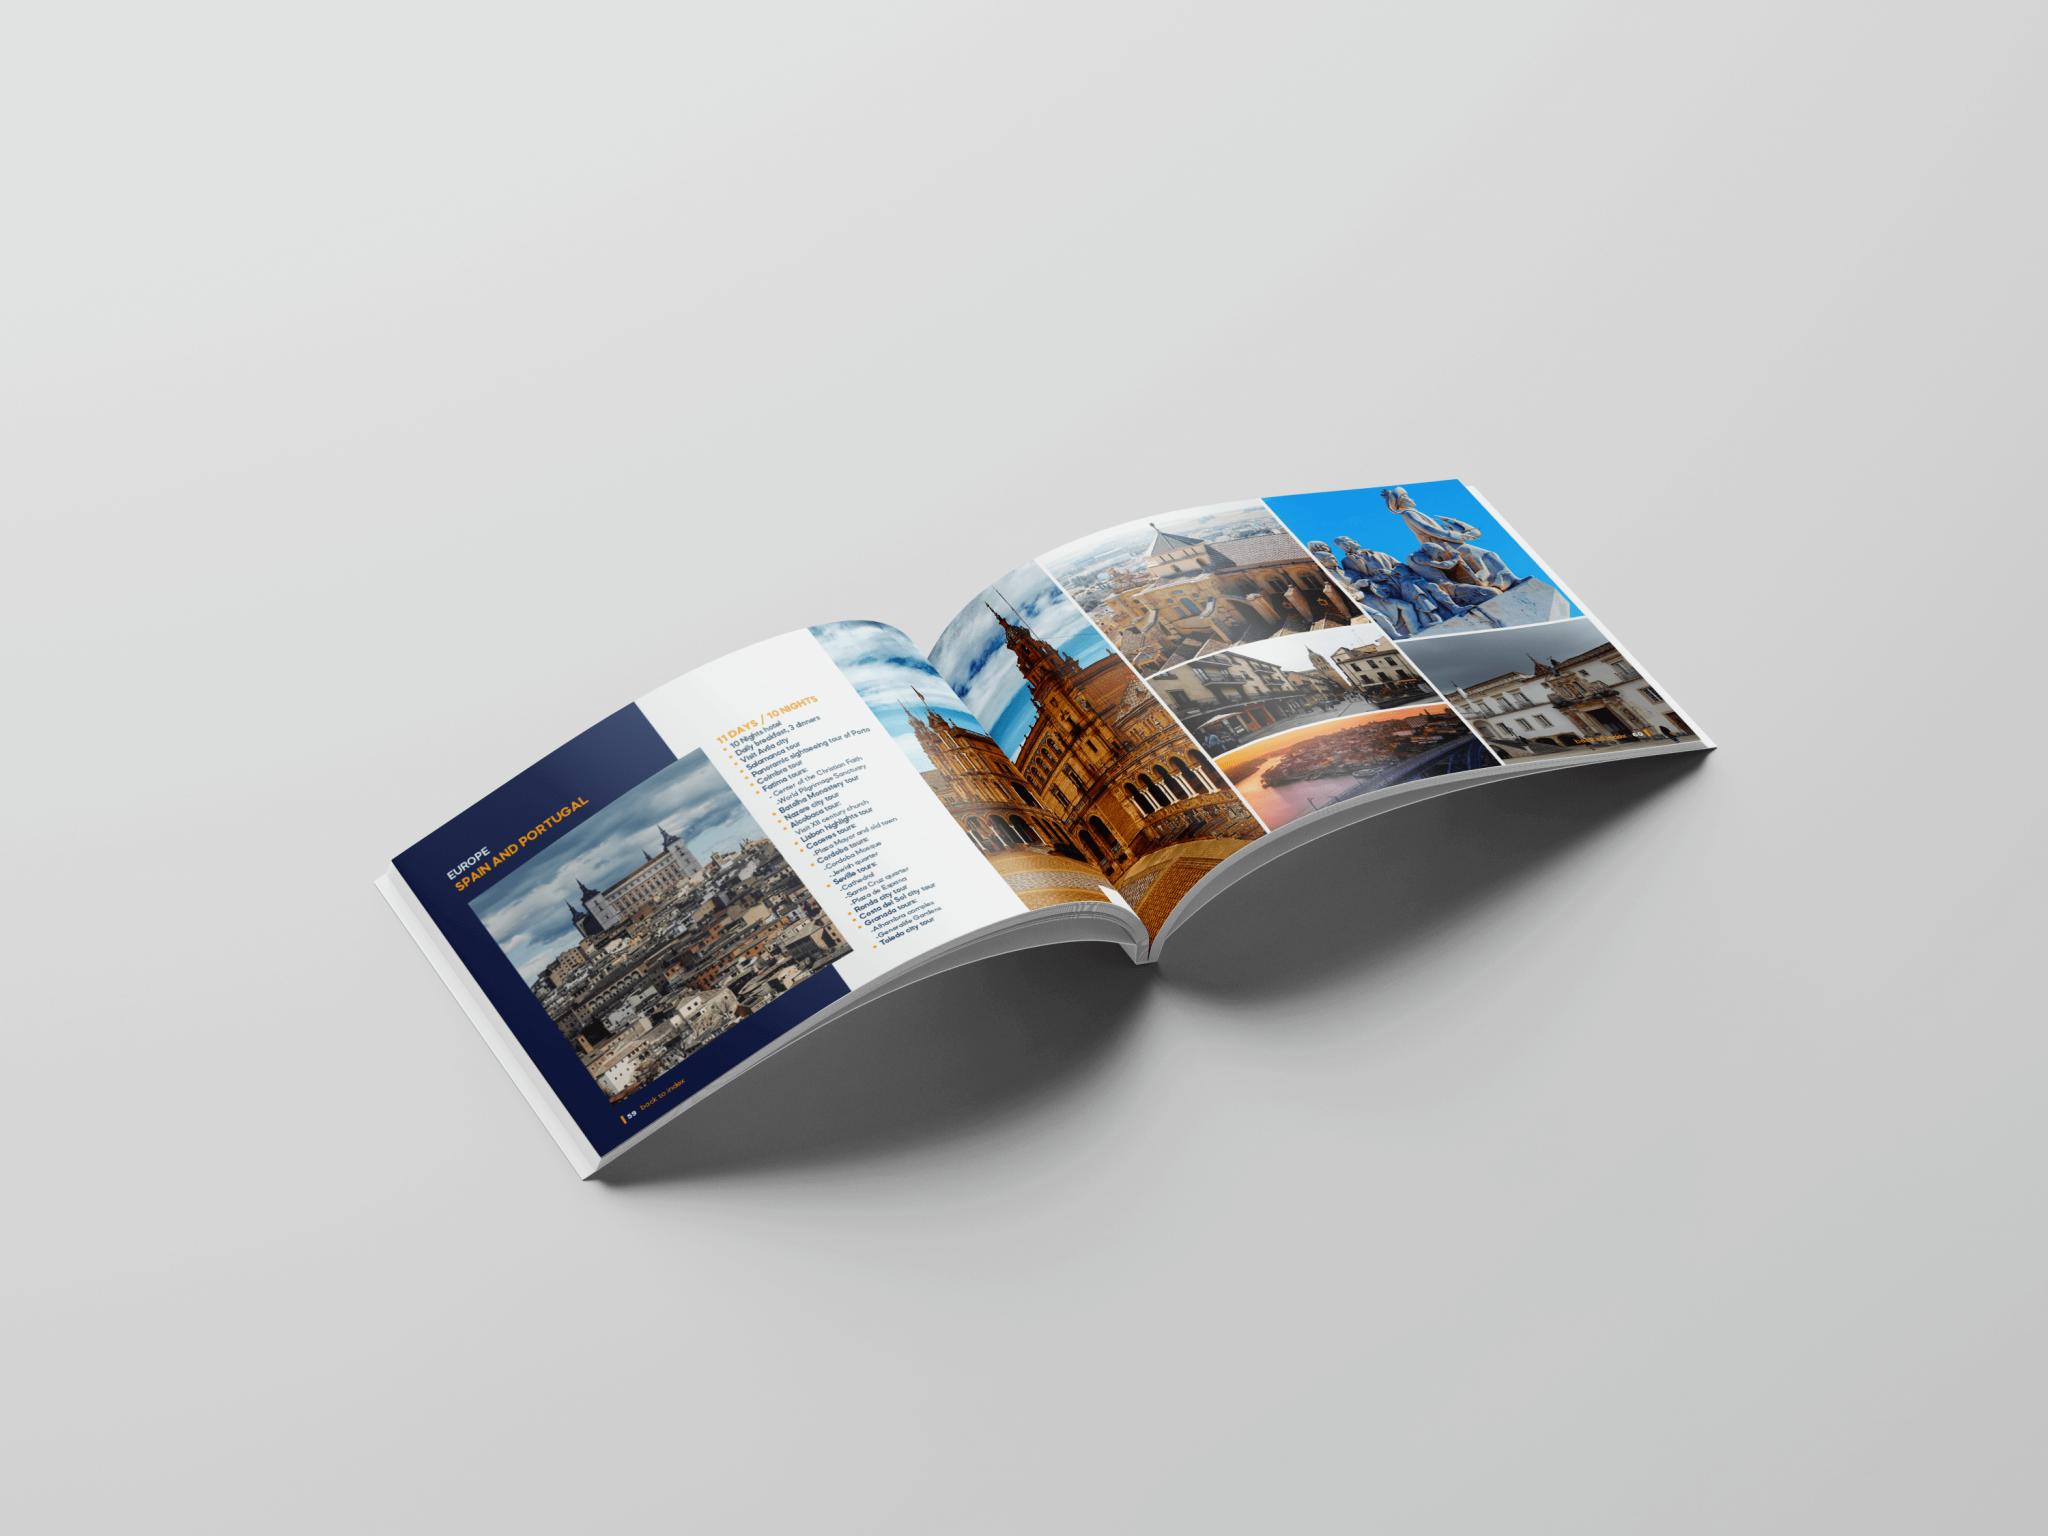 Criação de catálogo Sunspots Holidays - página dupla